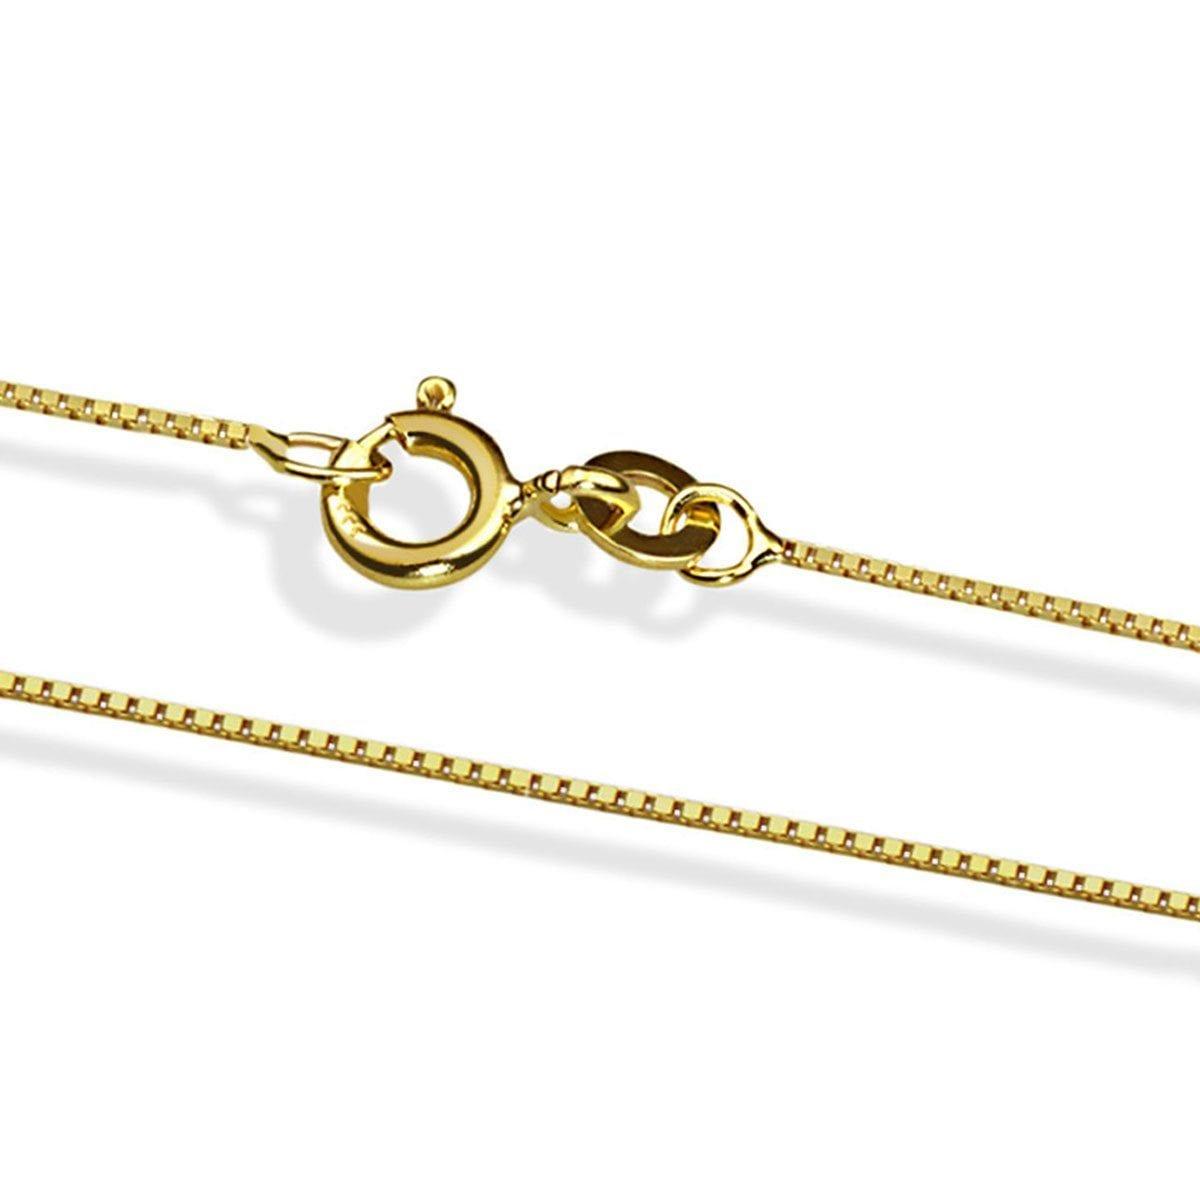 goldmaid Venezianerkette 585/- Gelbgold 45 cm | Schmuck > Halsketten > Goldketten | Goldfarben | Goldmaid